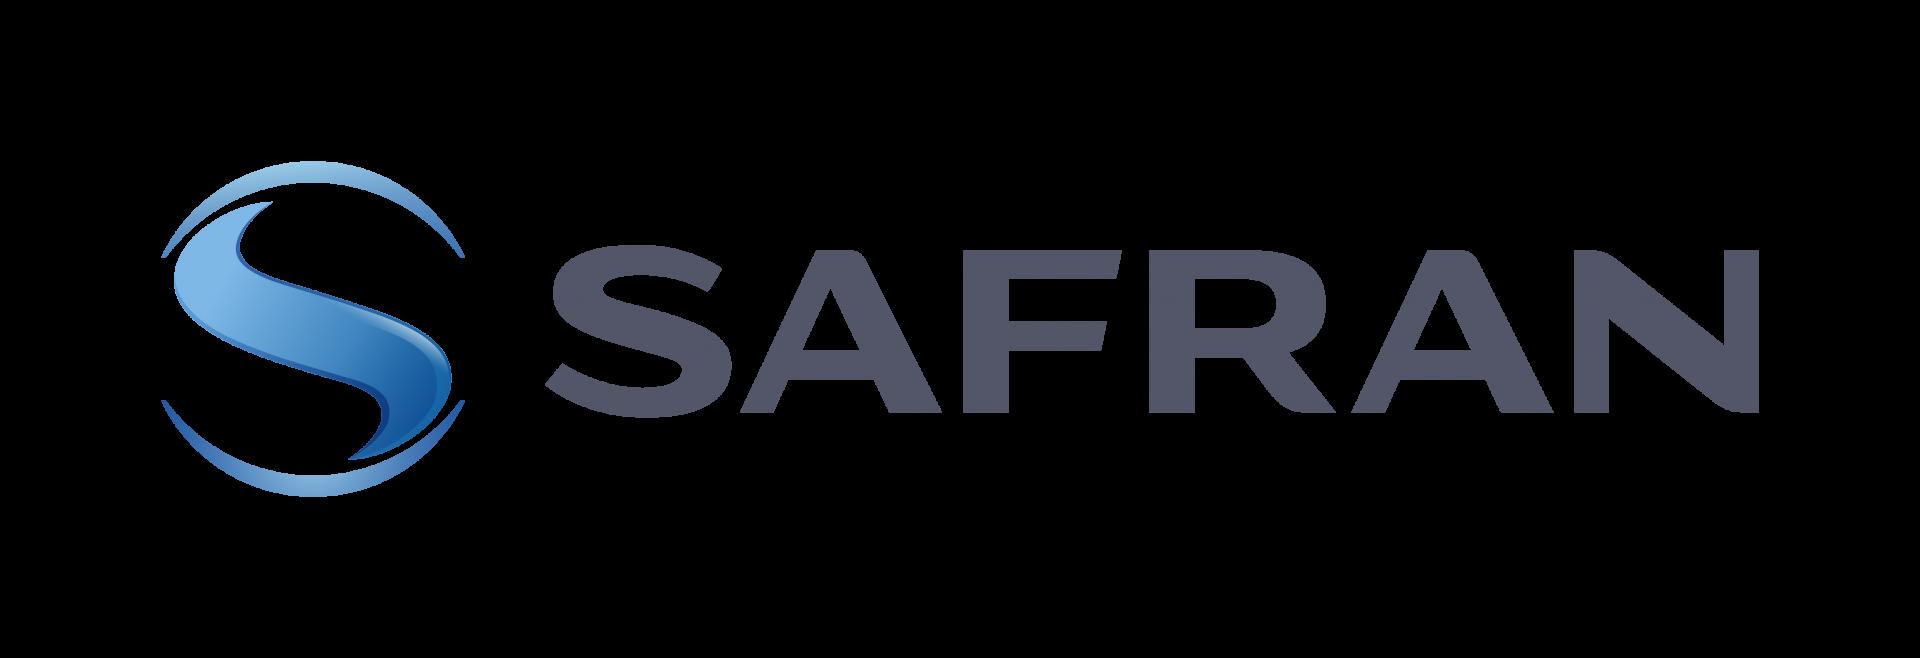 Safran Nacelles : Changement de Président et nominations au sein de Safran Nacelles